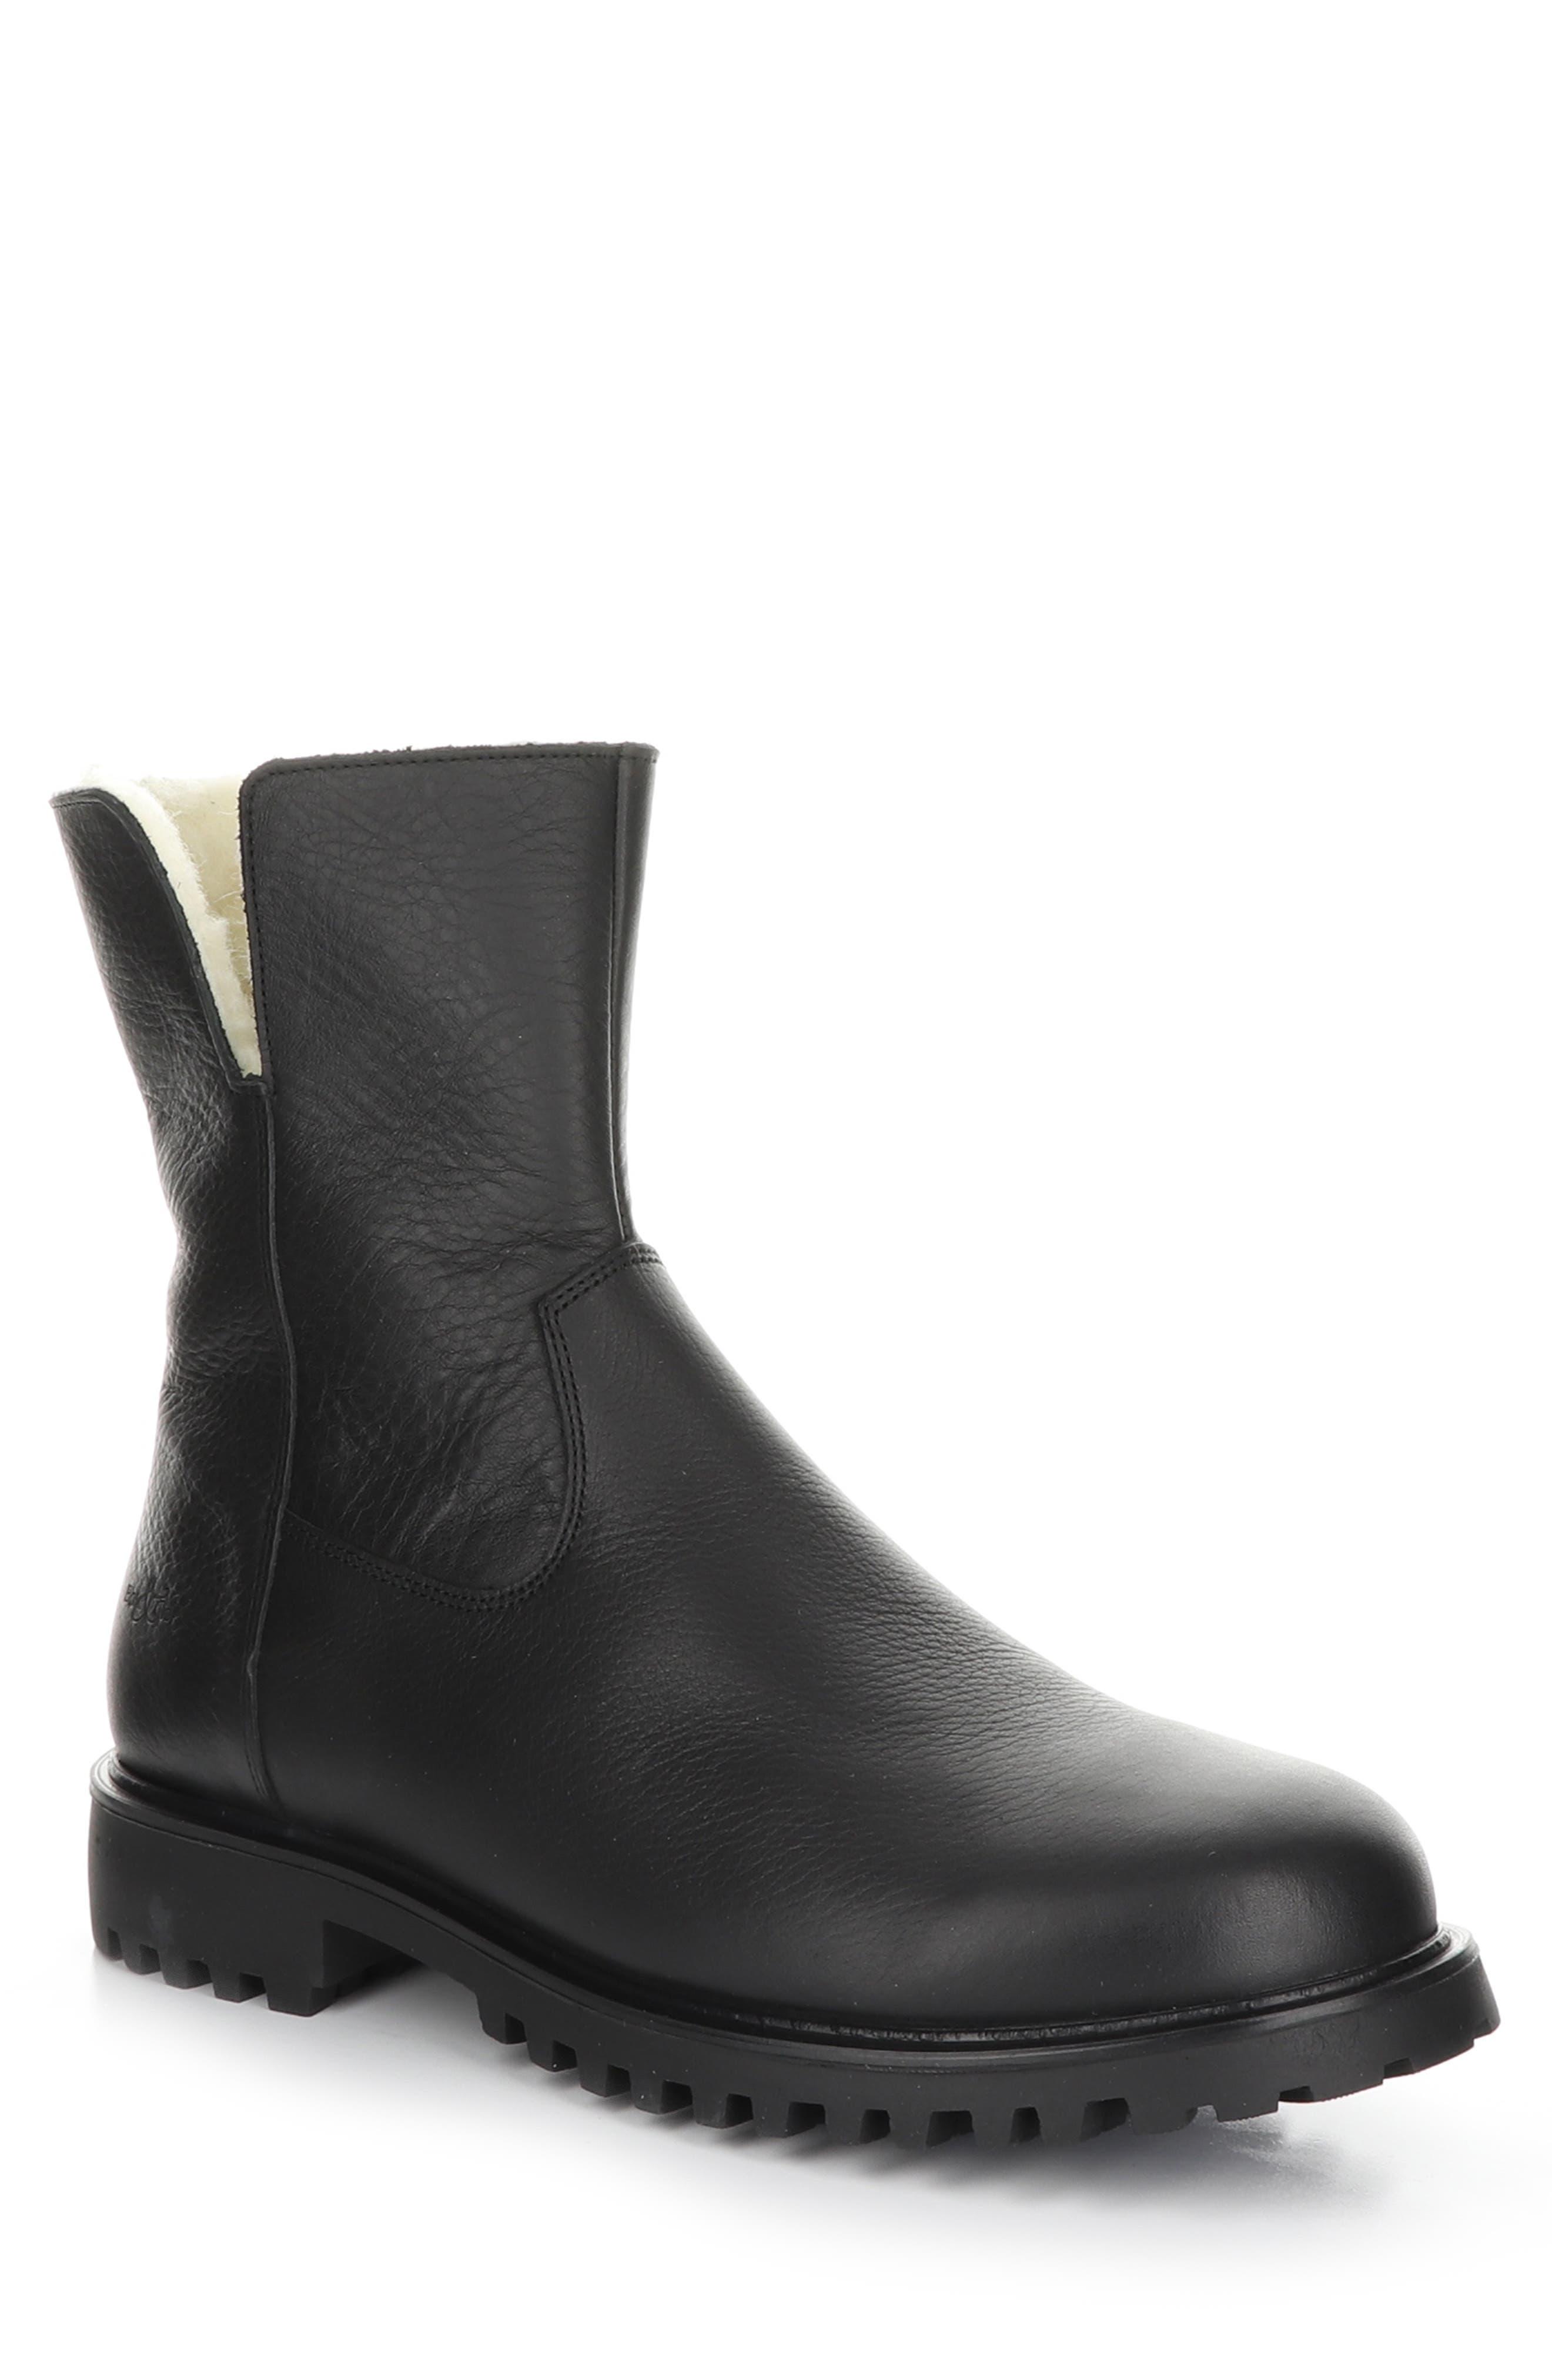 Derek Waterproof Boot